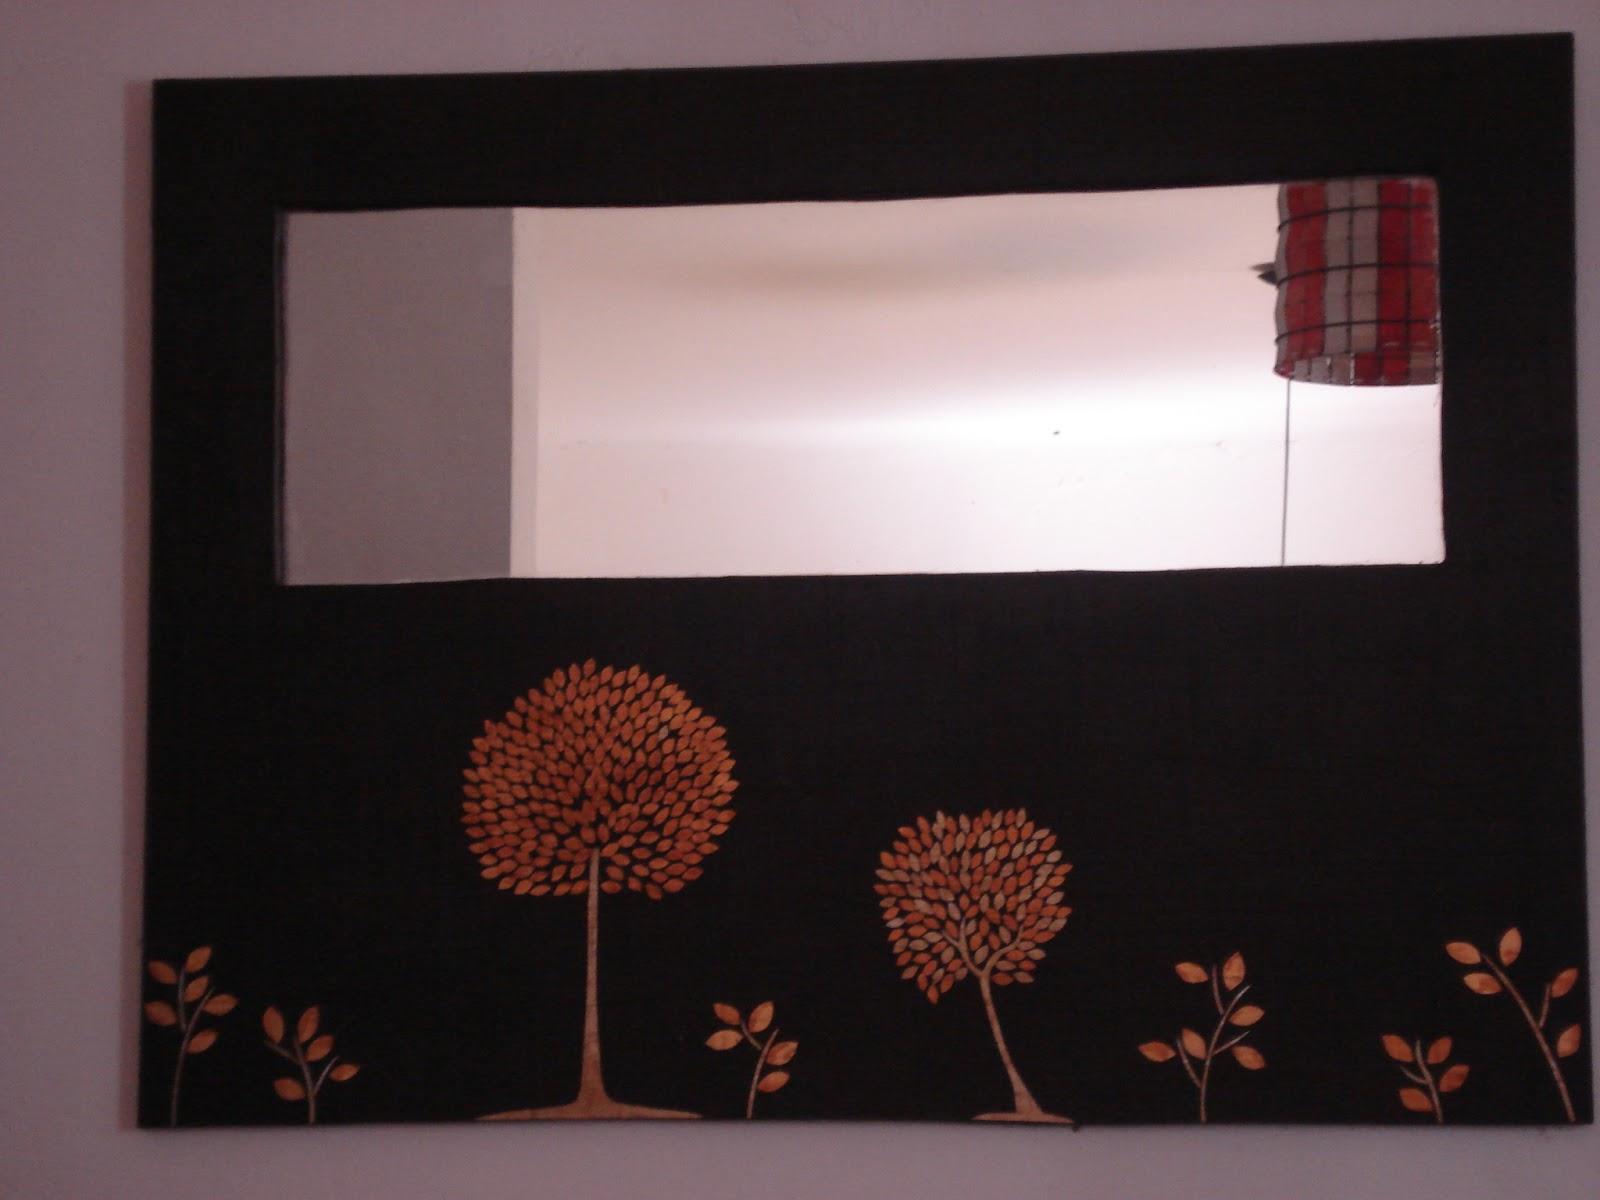 Espejos creativos y de dise o espejos con dise os en - Diseno de espejos ...